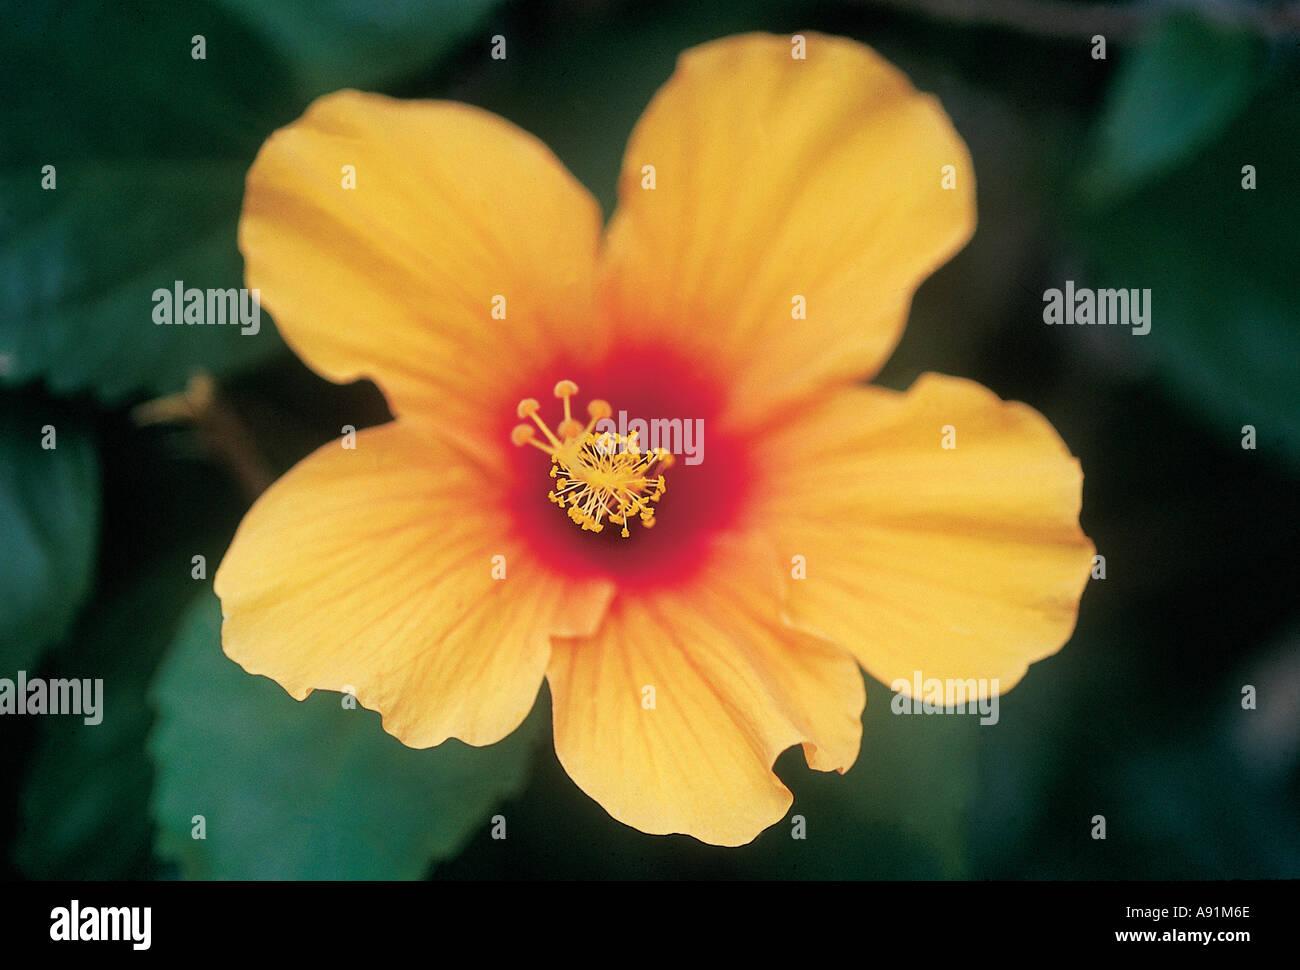 Nmj99799 yellow flower five petals sri lanka ceylon stock photo nmj99799 yellow flower five petals sri lanka ceylon mightylinksfo